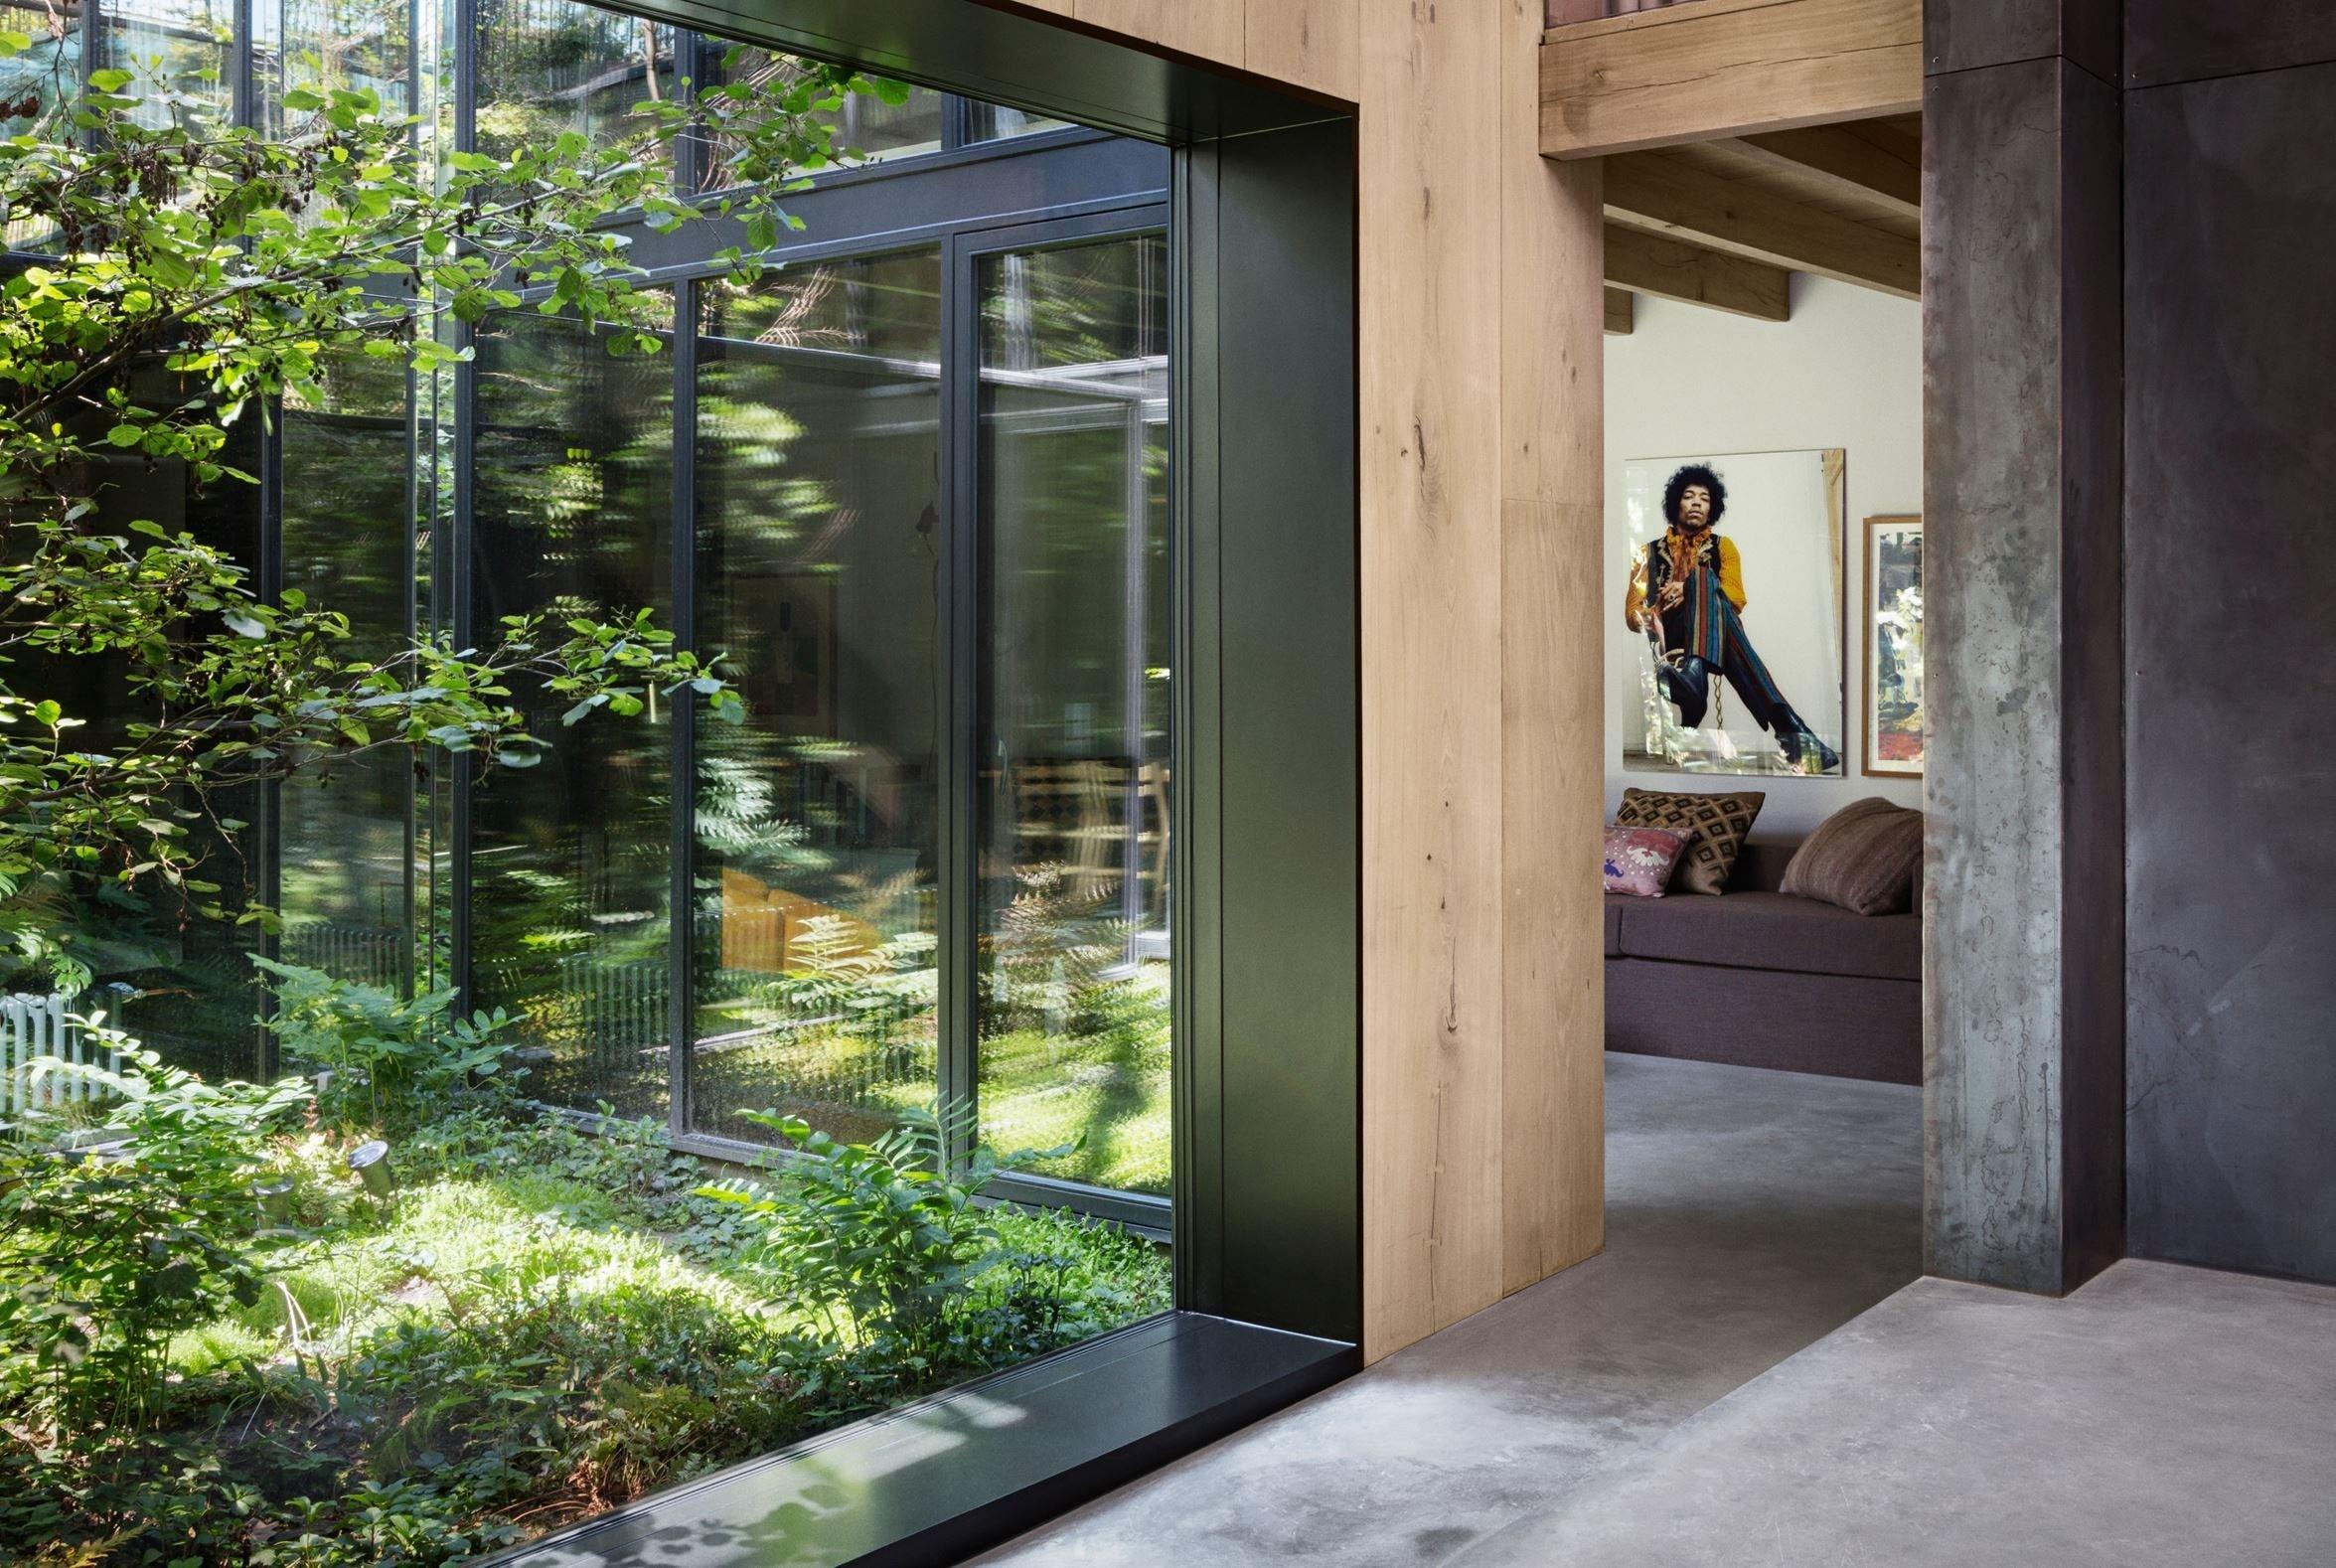 Dům inspirovaný starými továrnami a zelení skandinávských lesů. Přesně tak vypadá obydlí známého fotografa Petera Krasilnikoffa, který vyslovil přání o spojení svého původního studia s nově postaveným domem. Toto luxusní obydlí v Kodani se rozkládá na úctyhodných 500 metrech čtverečních a má co nabídnout. To můžete ostatně posoudit i vy sami.